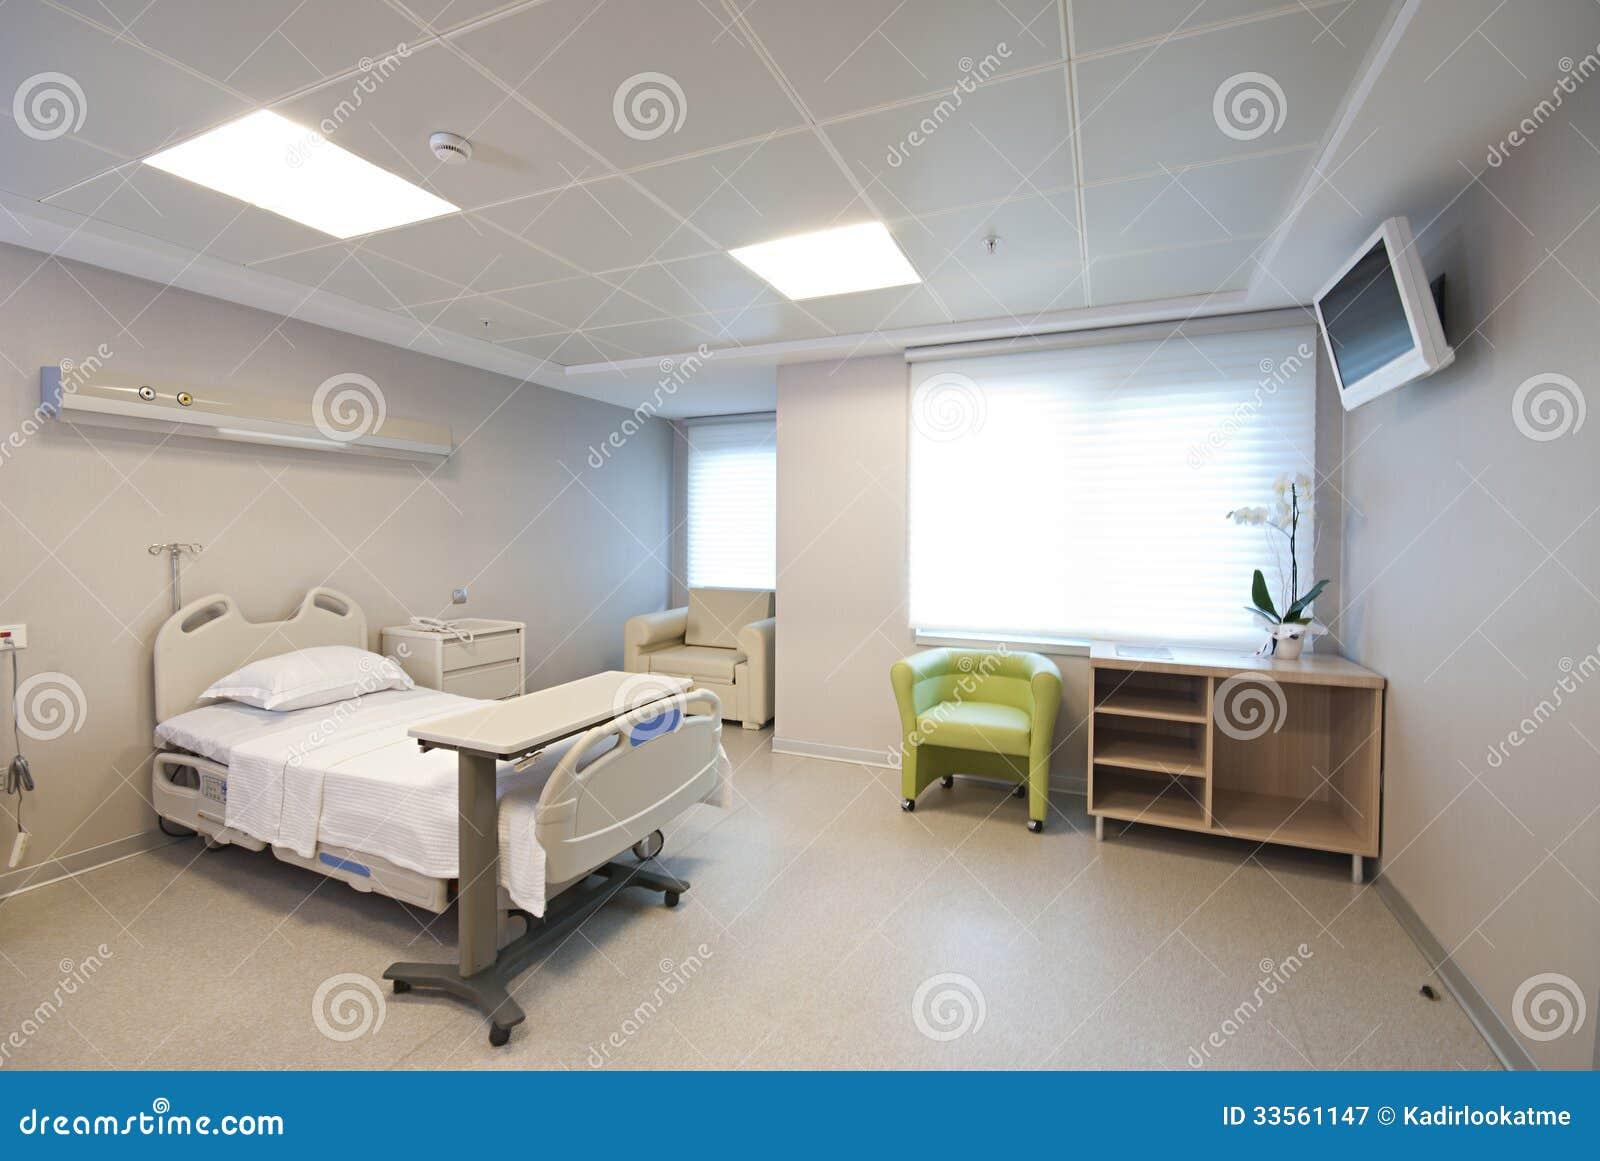 Interno privato della stanza di ospedale